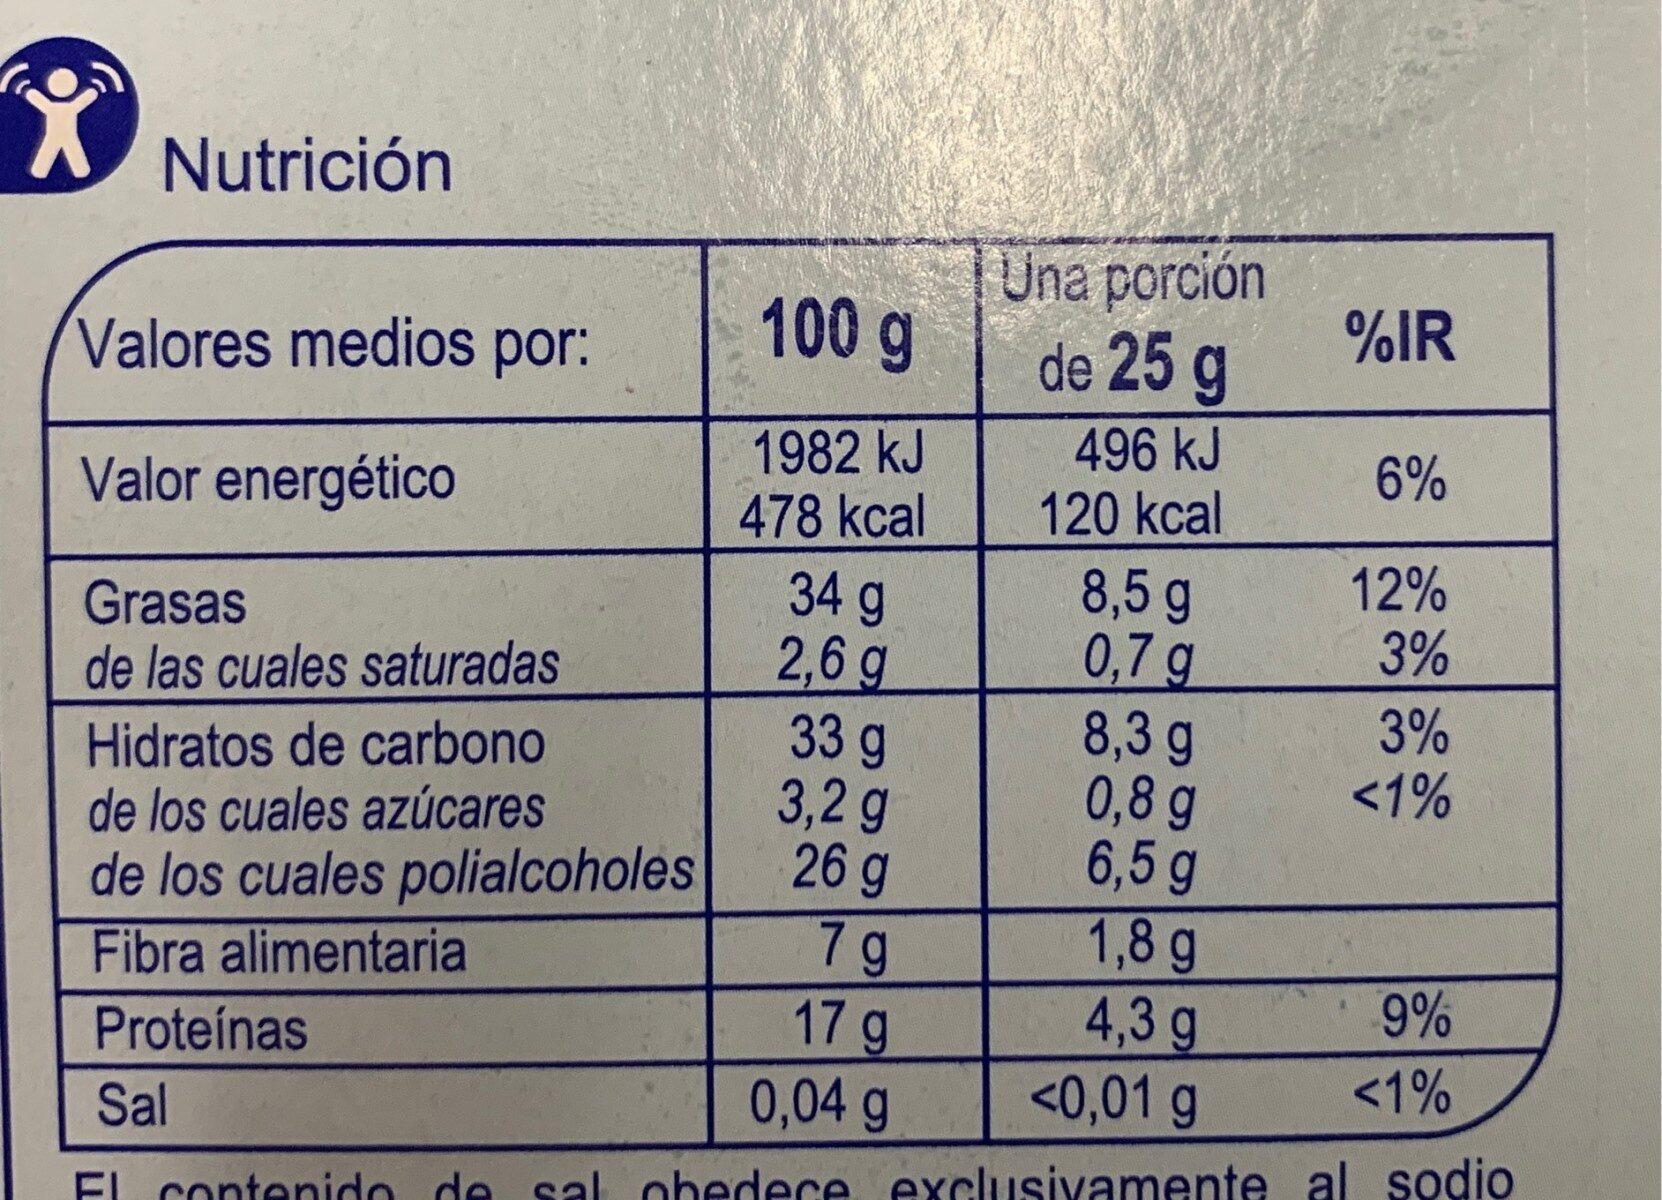 Turrón crema de Almendras - Información nutricional